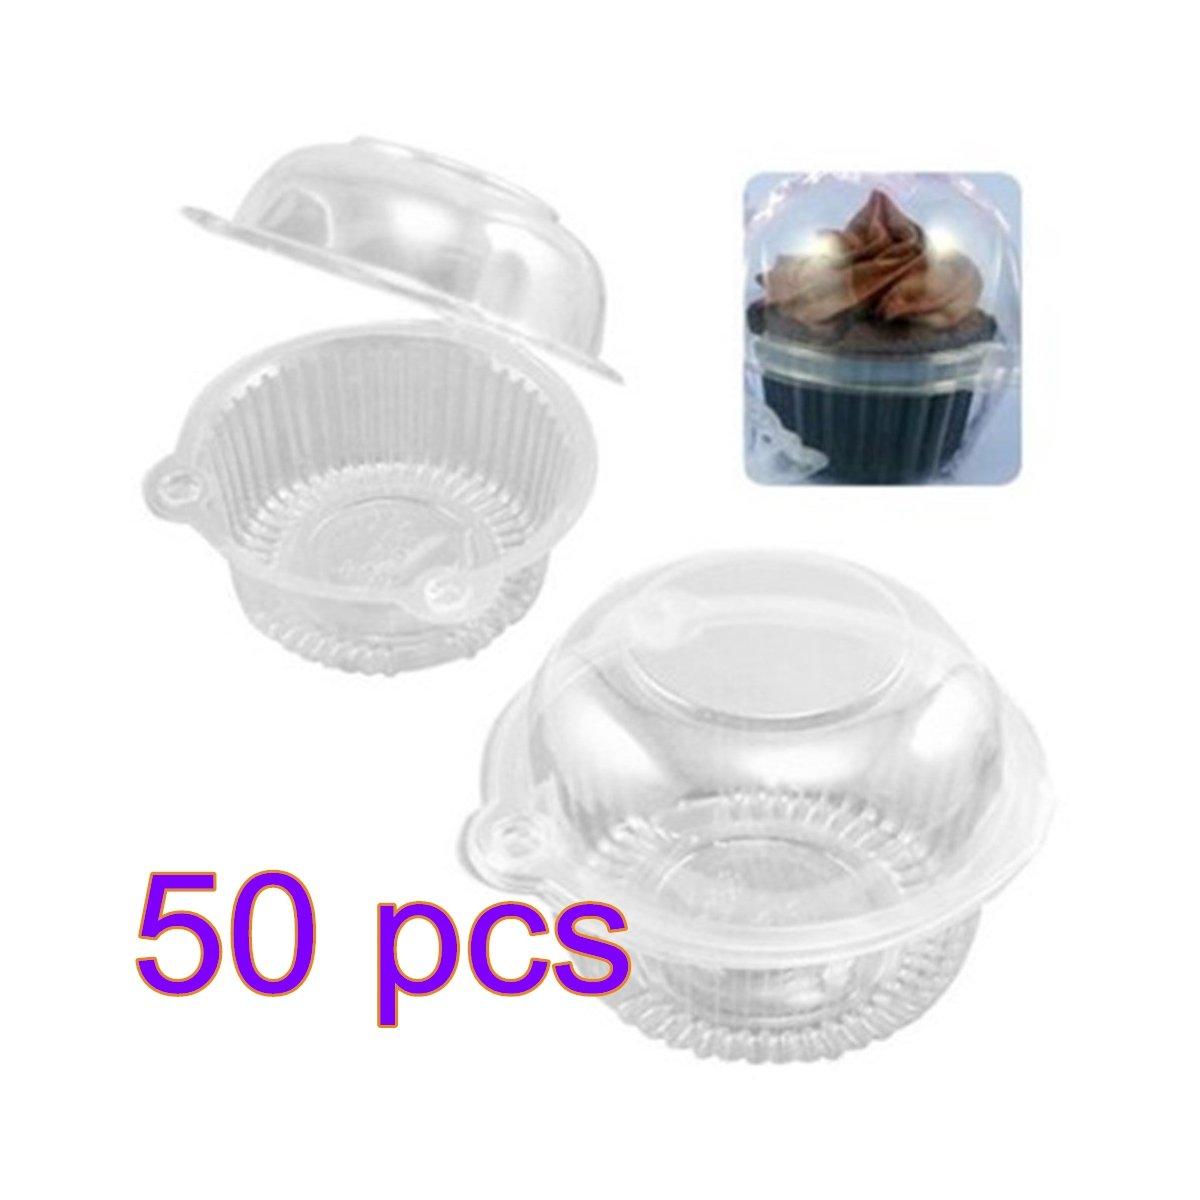 Fendii soportes cápsulas de plástico individuales y transparentes para cupcakes